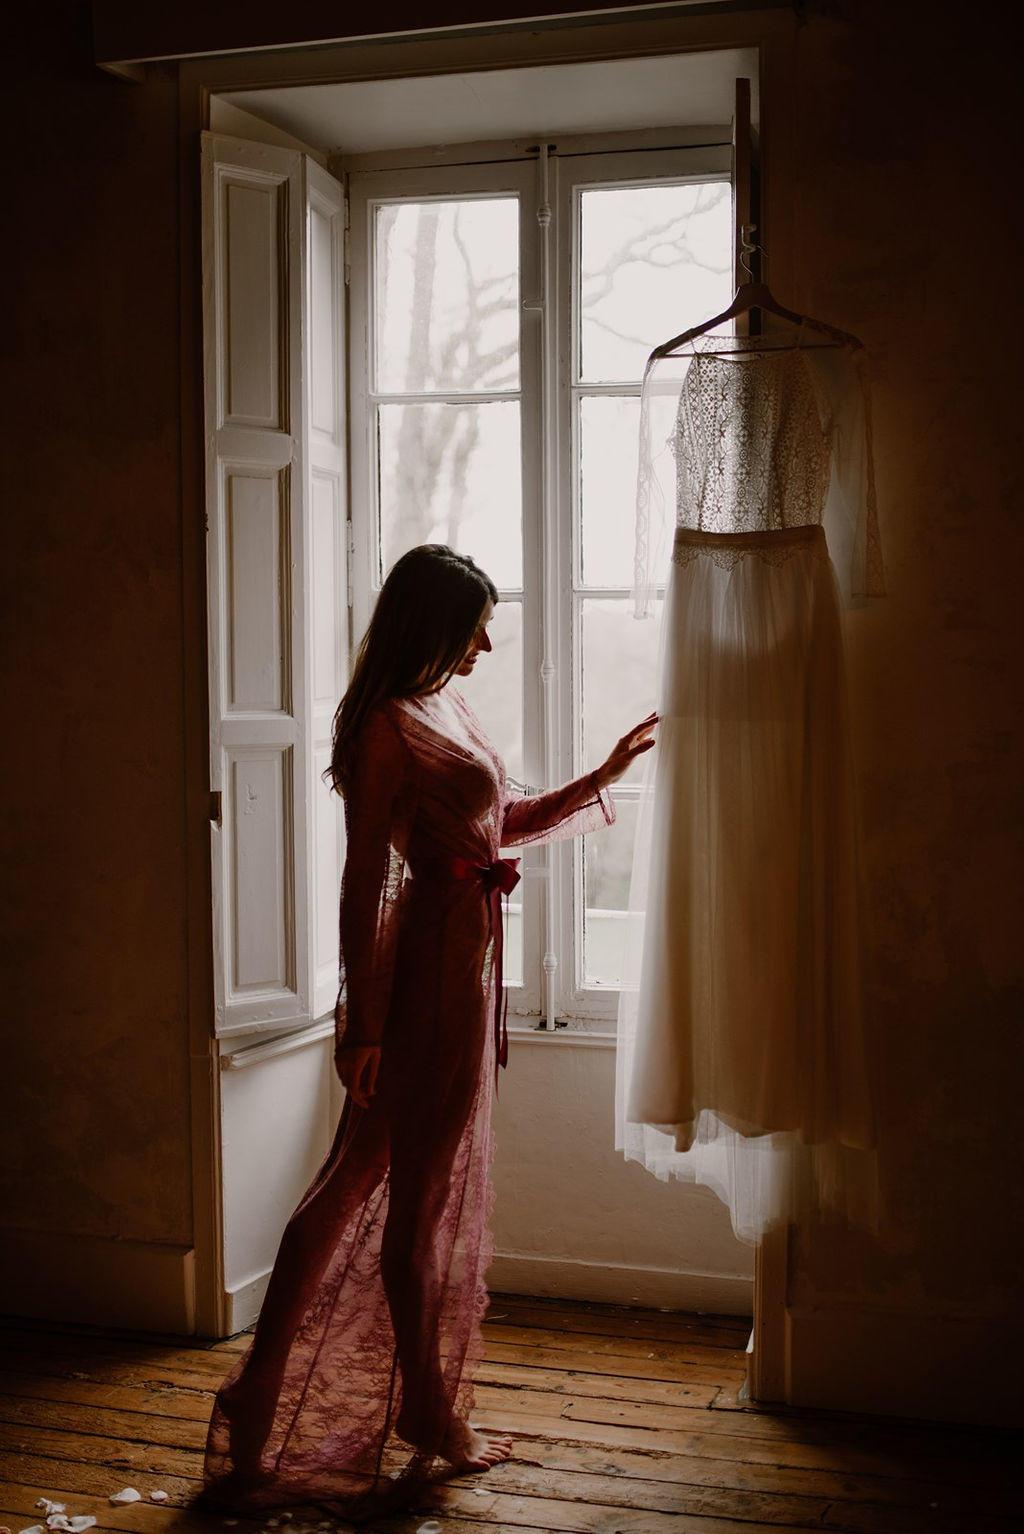 Juste avant de se marier Frédérique admire sa robe de mariée réalisé par la créatrice Laetitia Drouet.